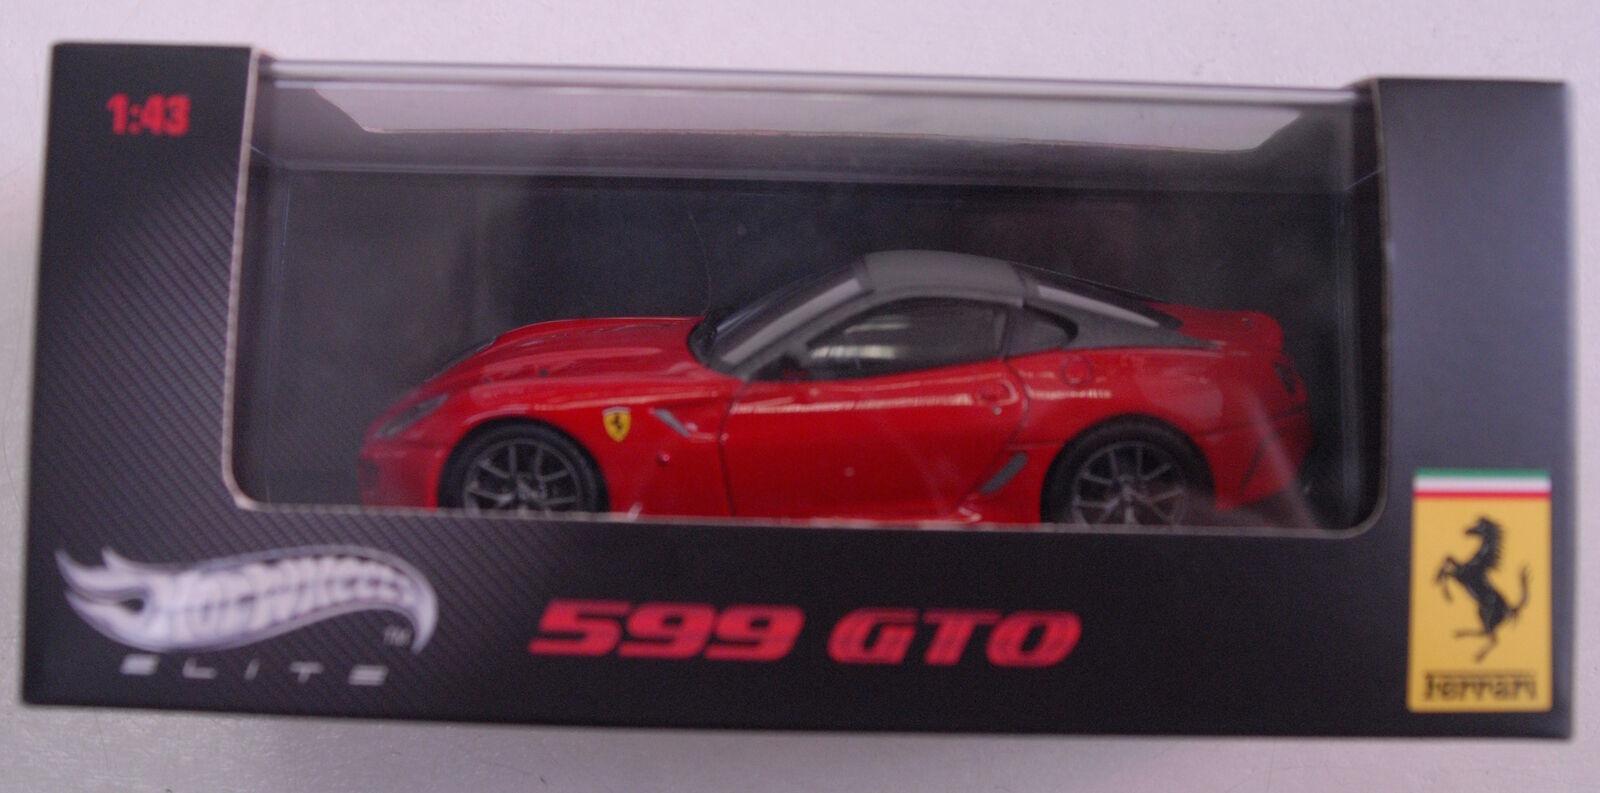 Ferrari 599gto rossa Scala 1 43 Mattel T6267 Edizione limitata